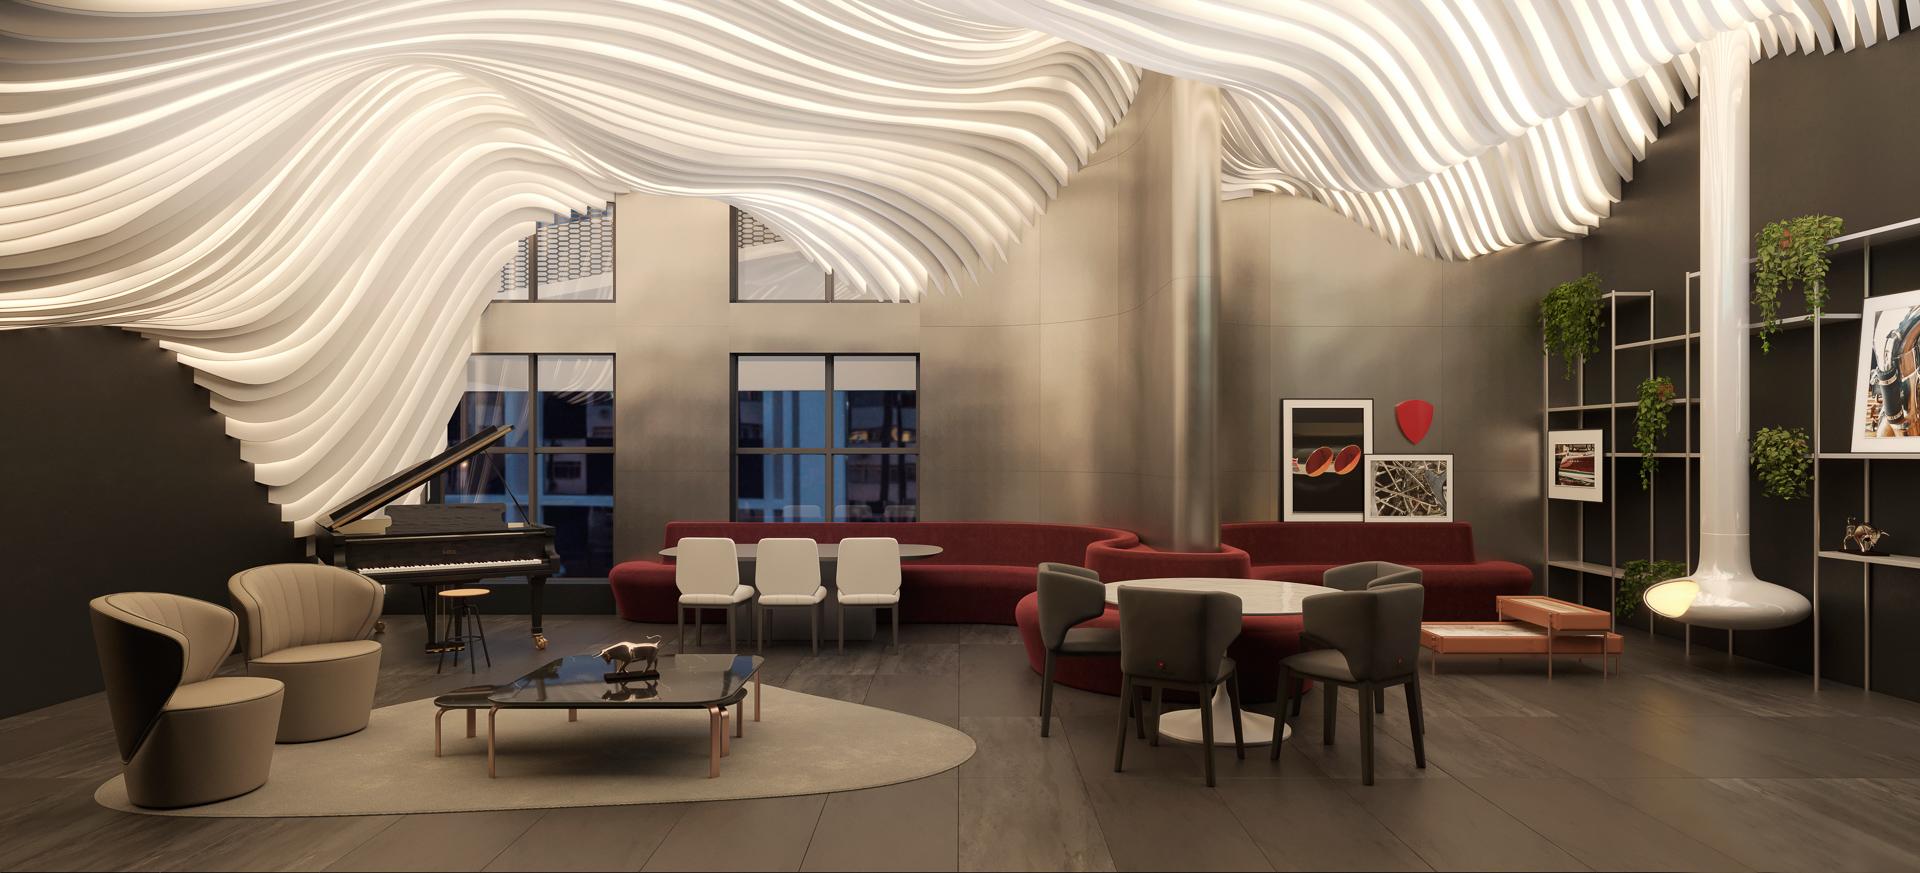 Lounge com piano, lareira e cozinha de apoio